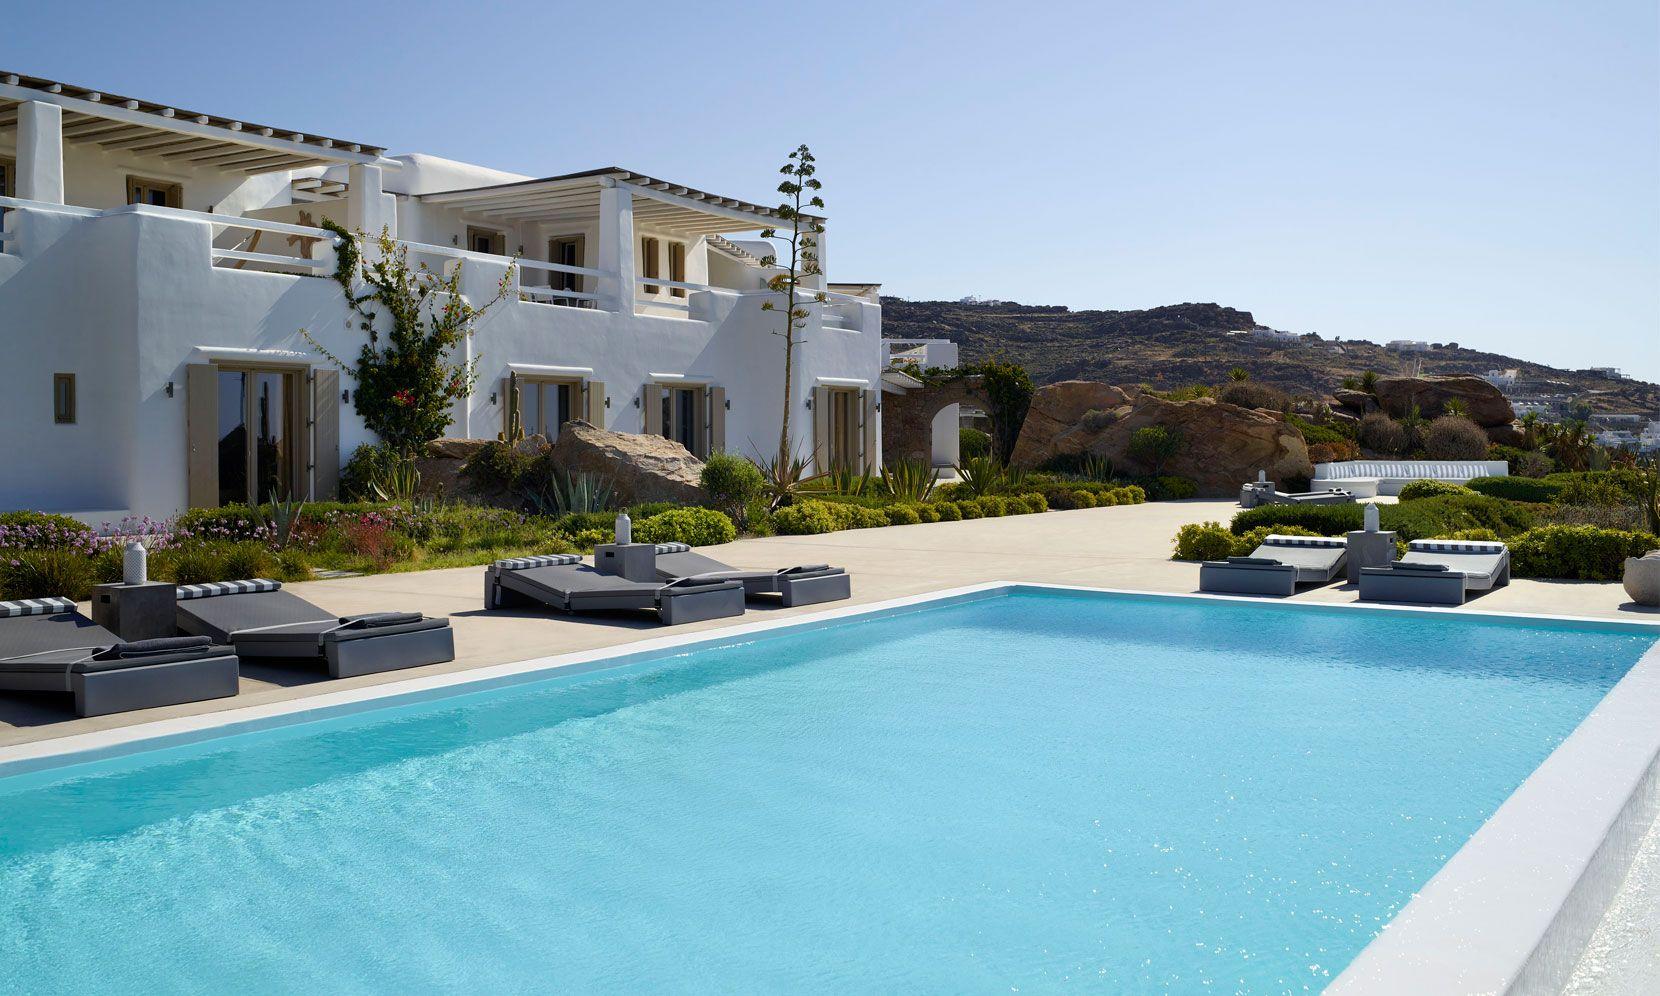 Mykonos Villa Oceanides 2 jumbotron image